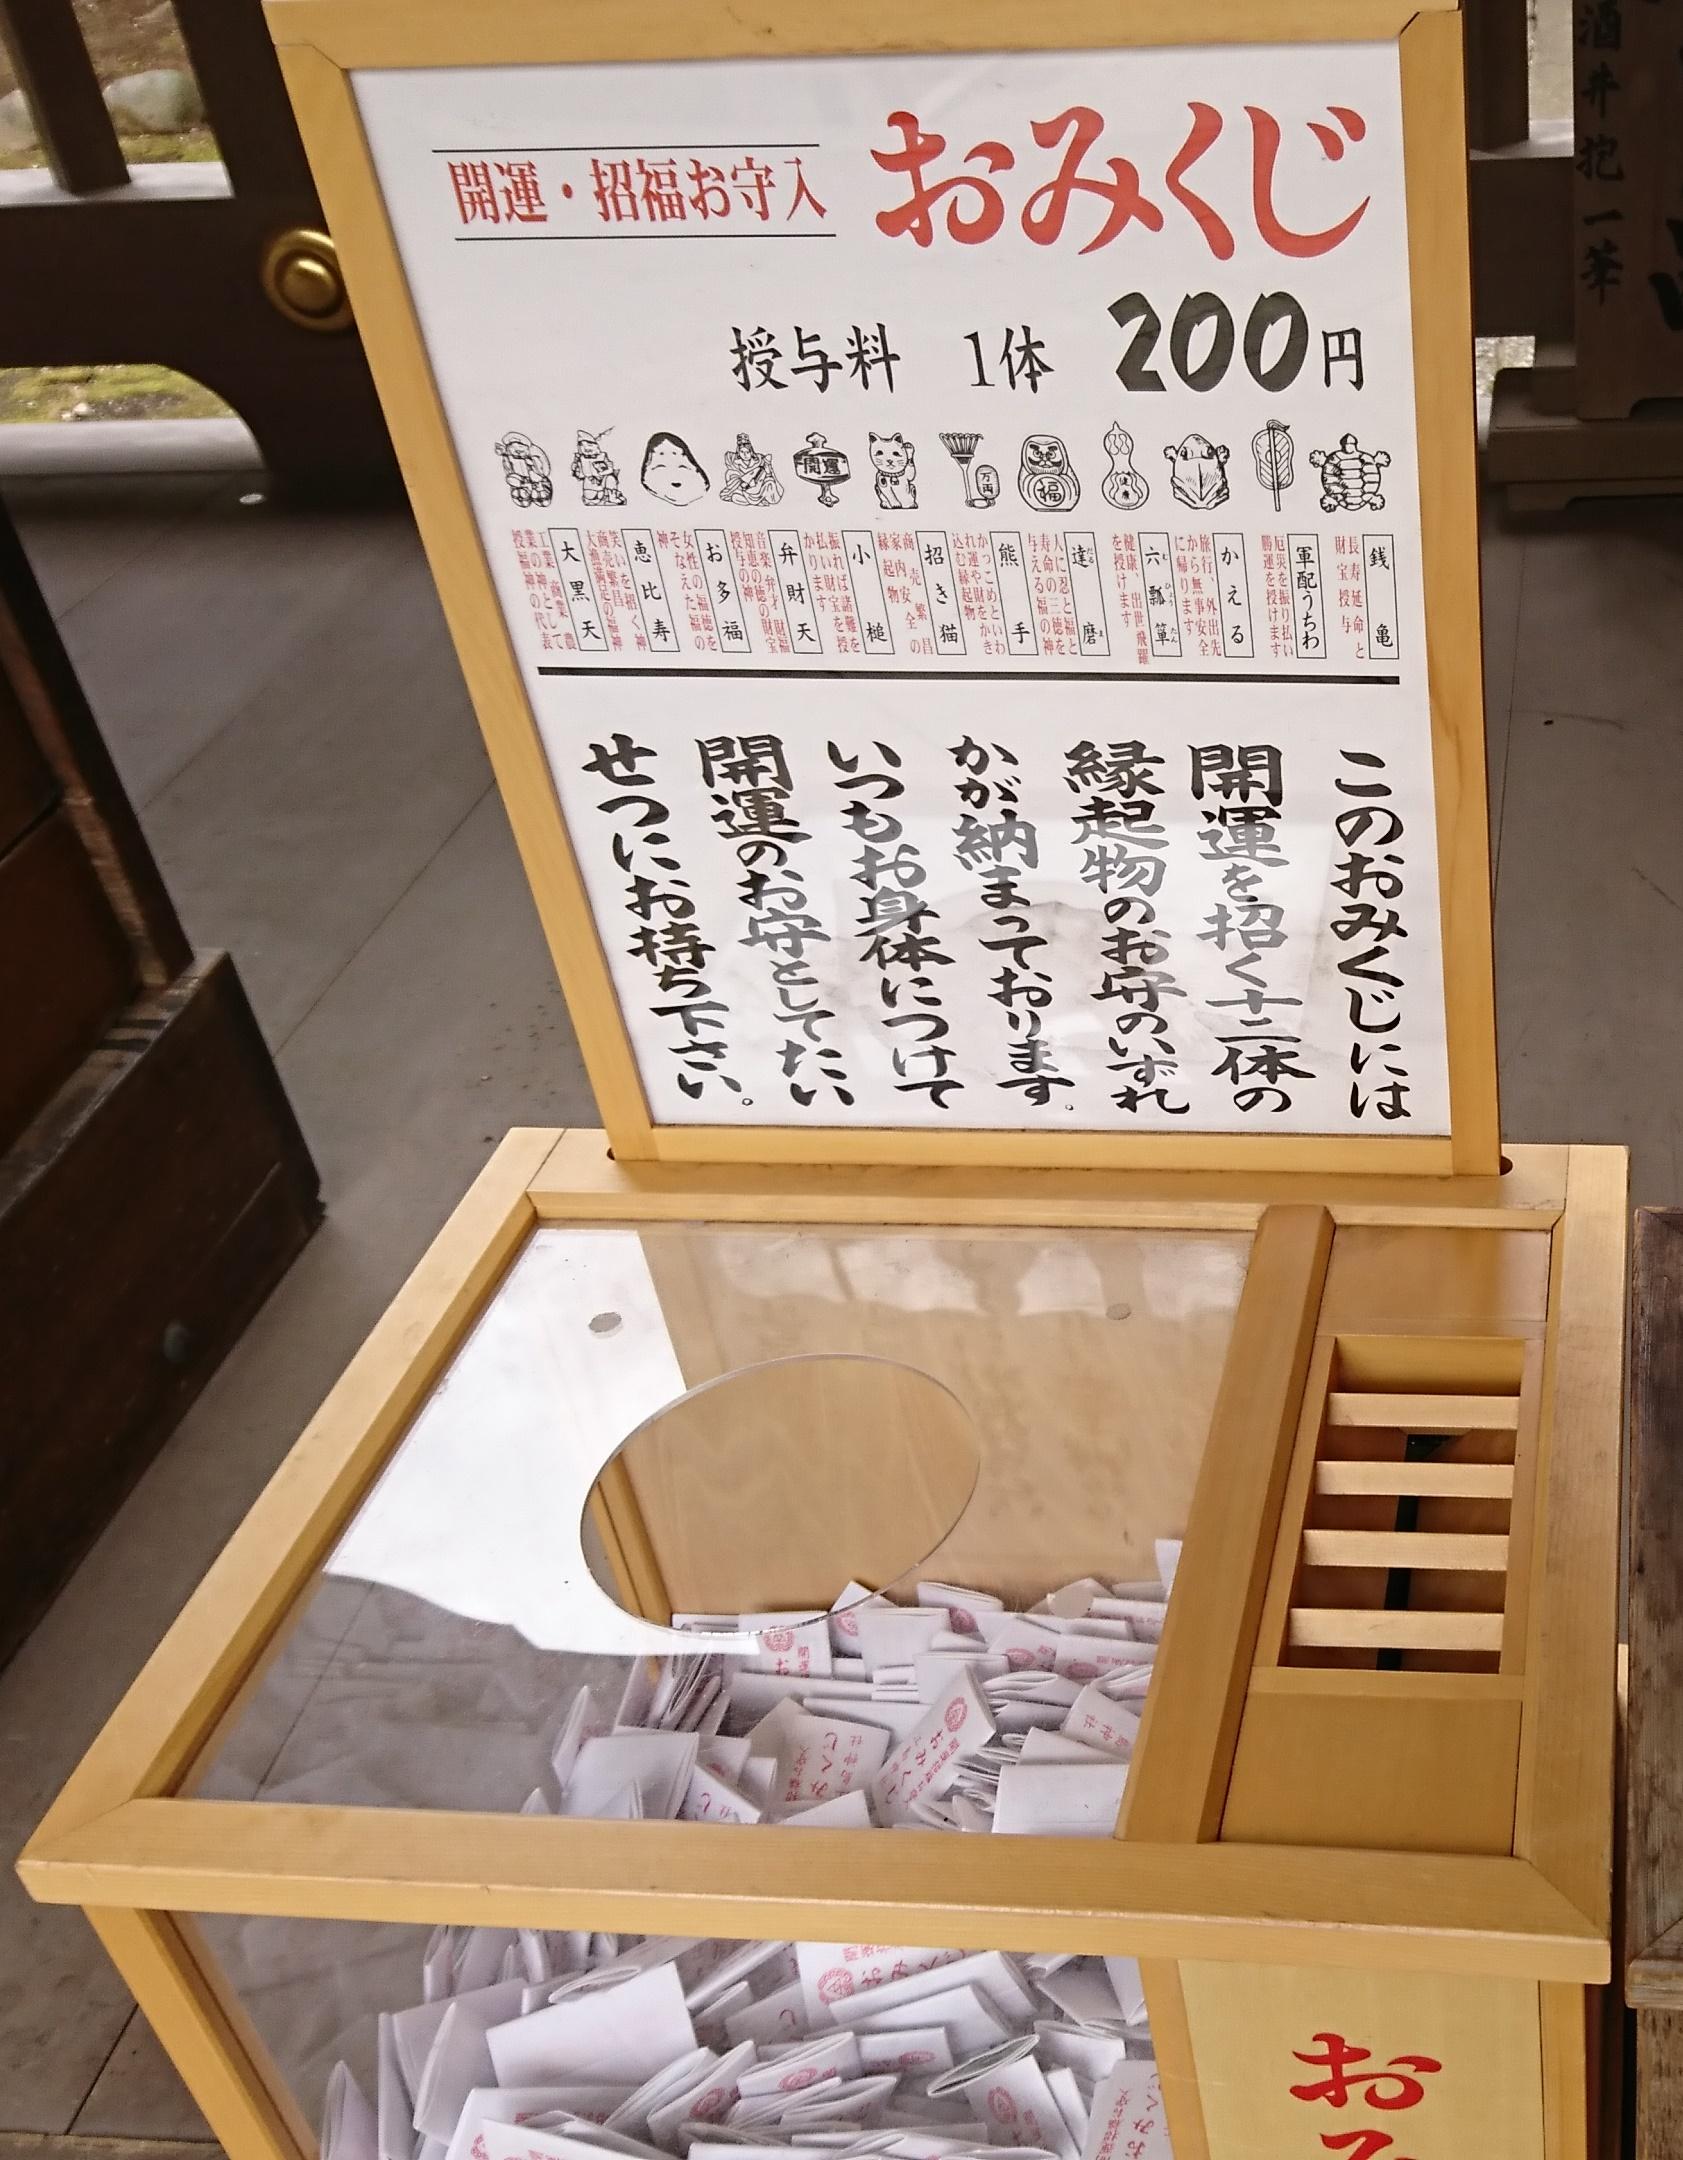 江ノ島神社の開運招福おみくじ